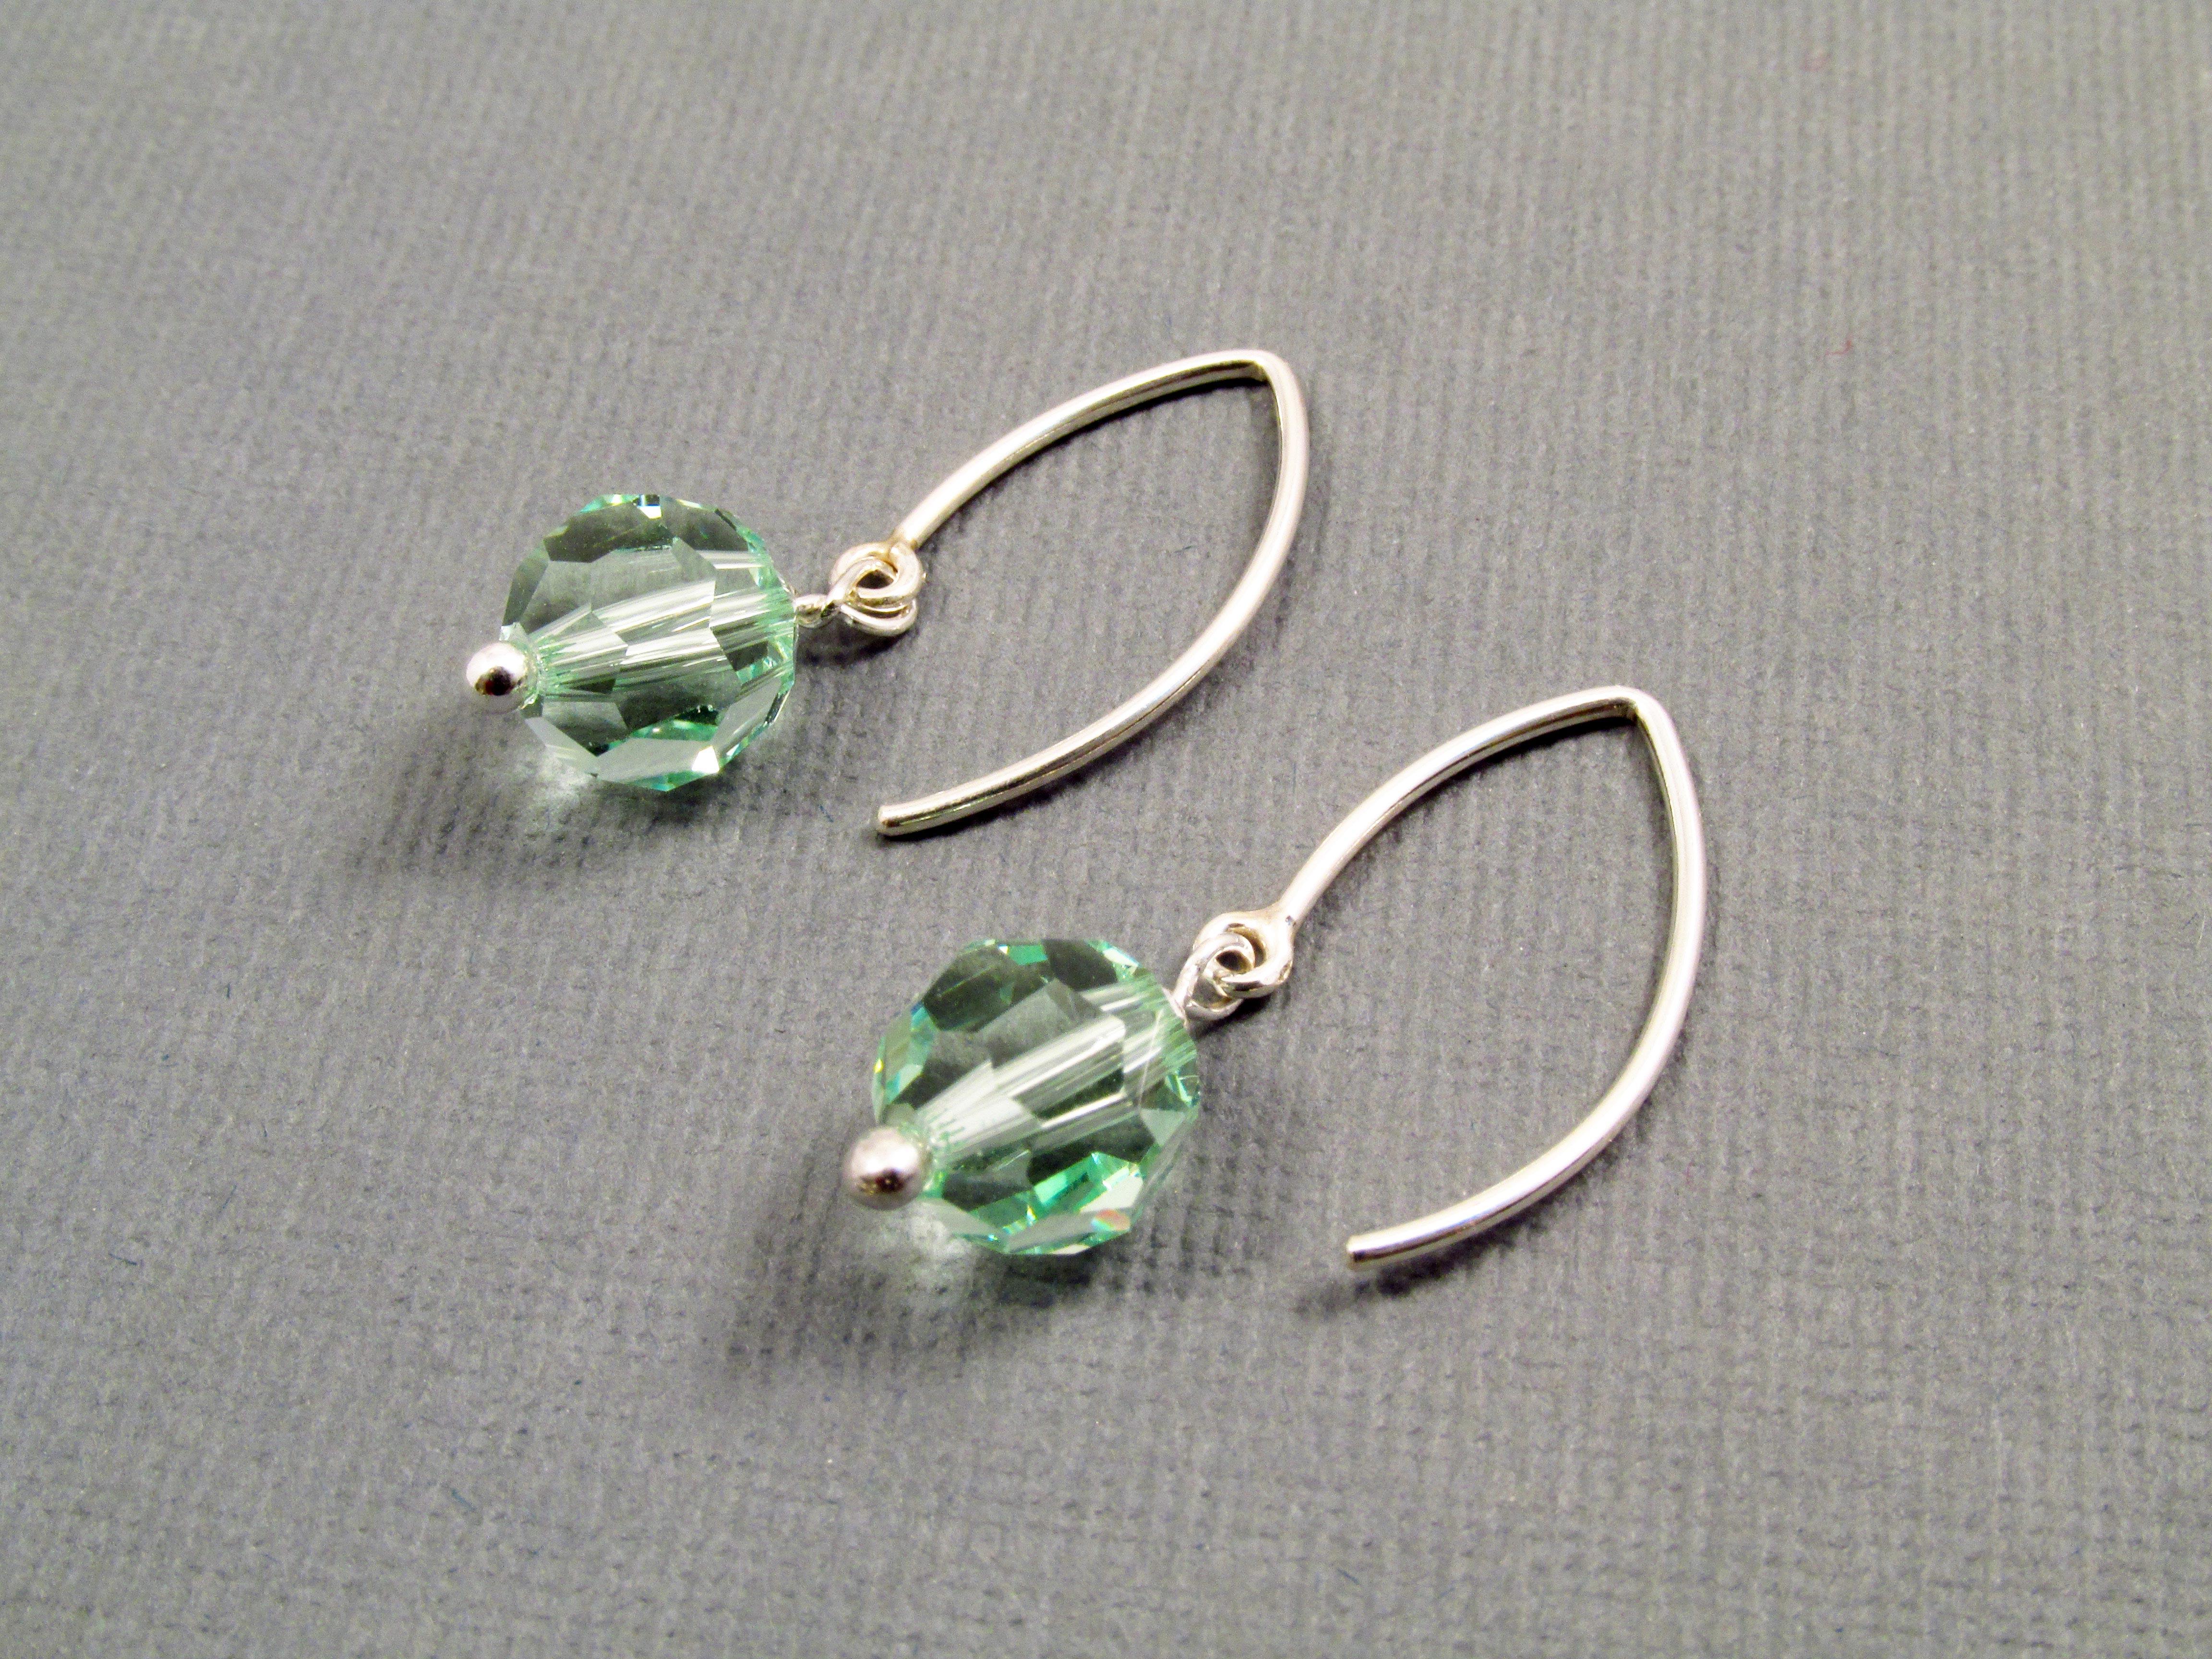 15d922e65 Light green earrings, Swarovski earrings, 1 inch long, sterling ...